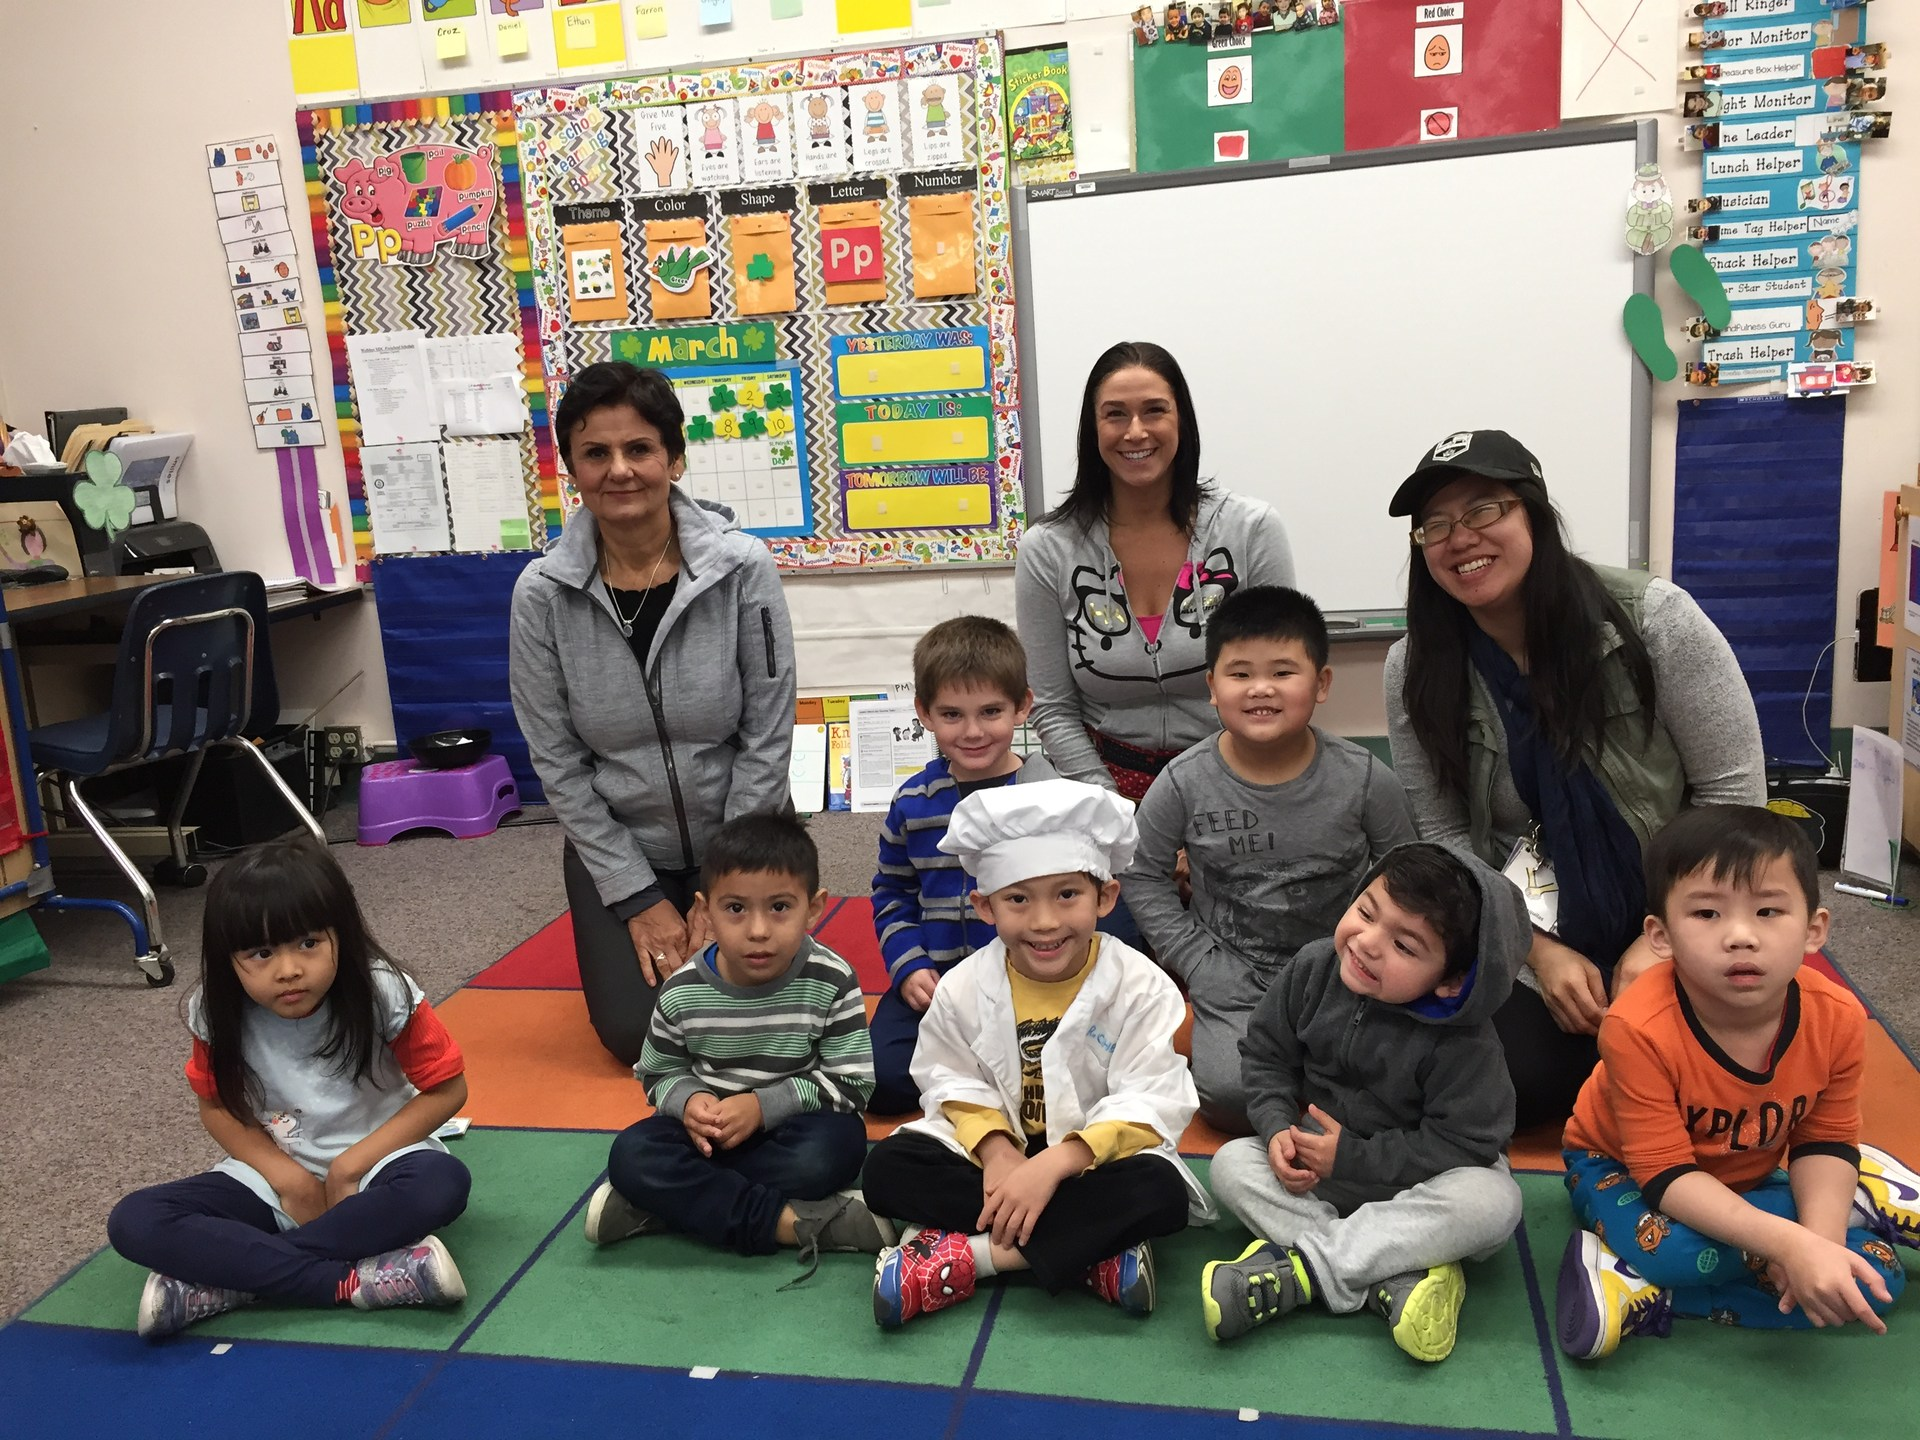 Ms. Marino's Class